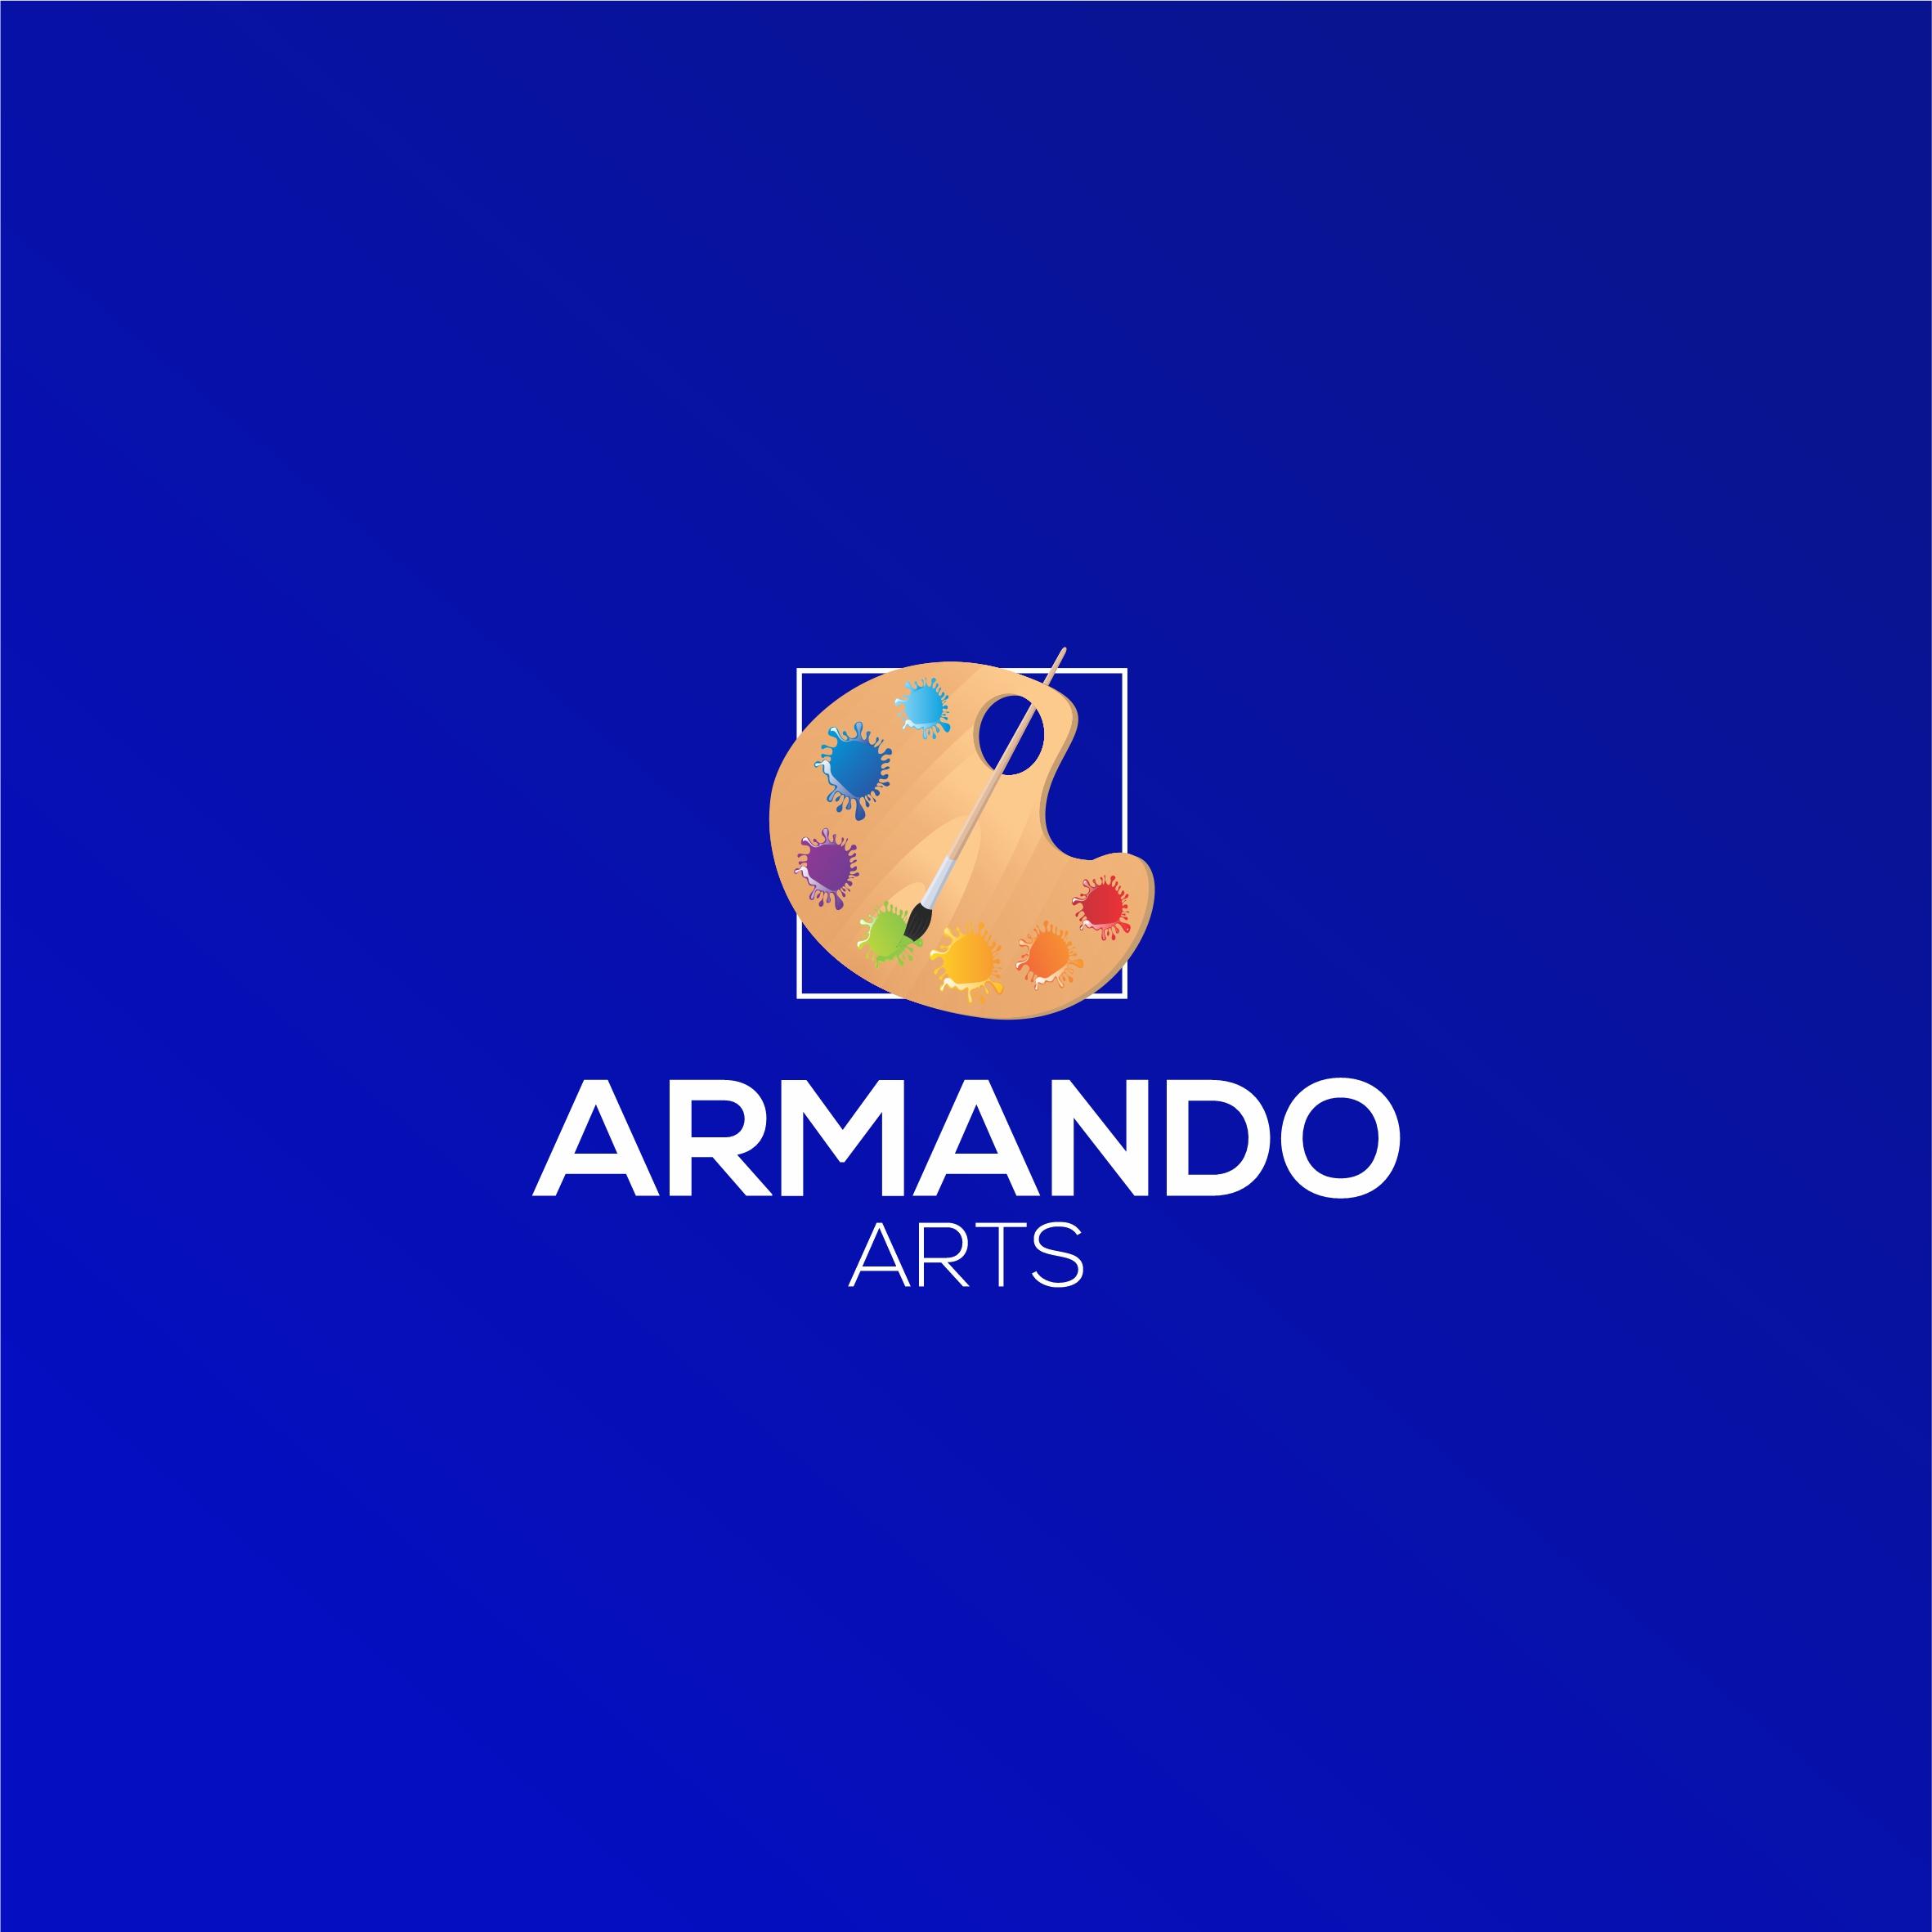 armando_arts_azul_escuro